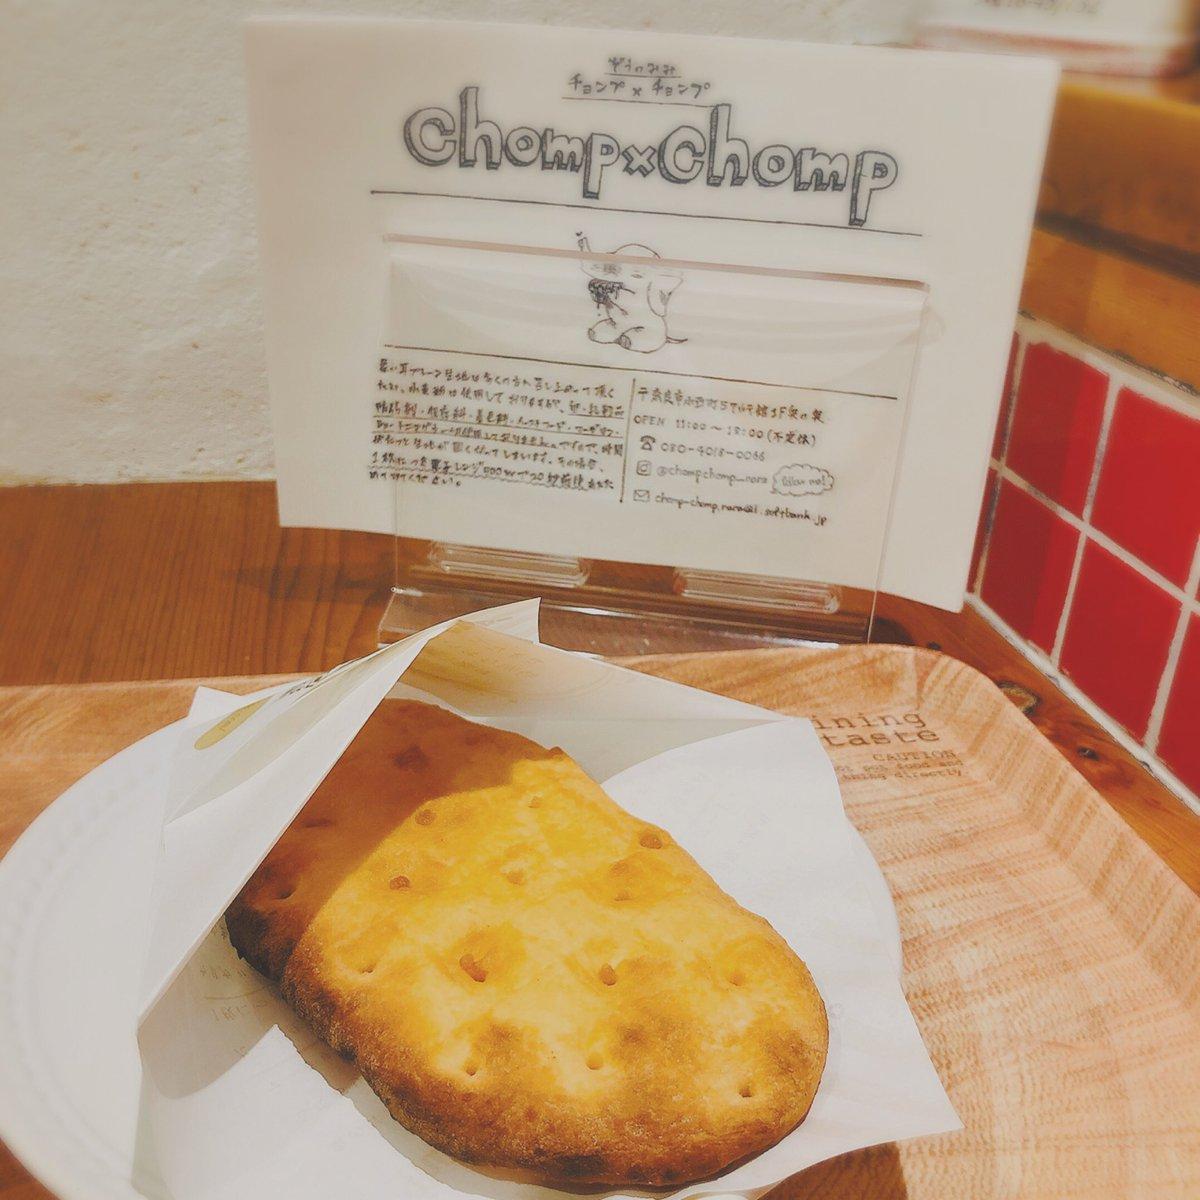 あげ焼きパン「プレーン」 220円 ・ お客様からトッピングなしのあげ焼きパンのご要望をいただきました。 ・ 素焼きのあげ焼きパンですがサク、もち、ふわ感が楽しめます❣️ イートンのお客様にはトッピングでバターもおつけします🧈 https://t.co/11O65xgCPb